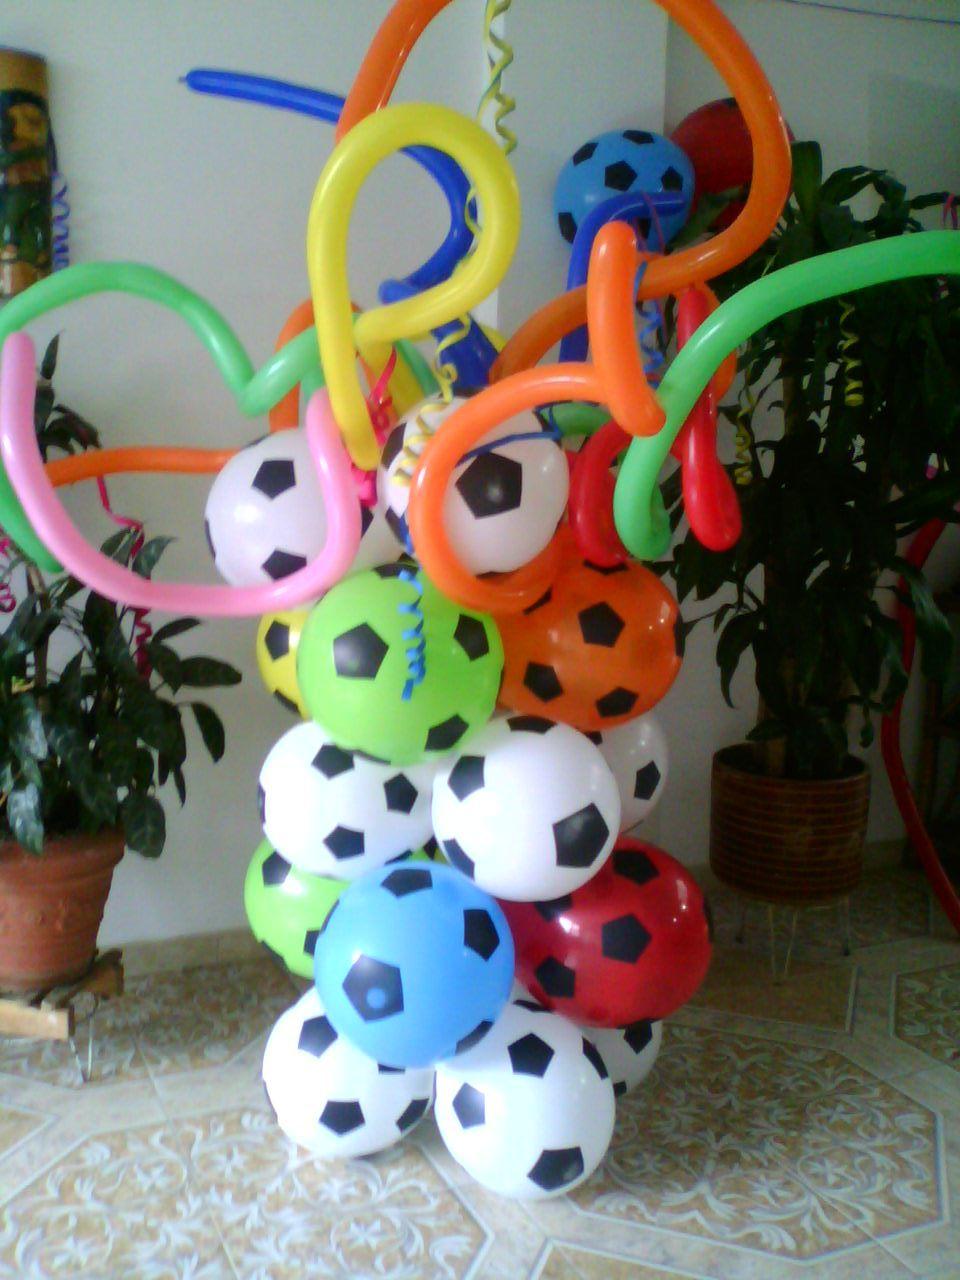 Ver decoraciones de fiestas infantiles de ni os buscar - Decoraciones infantiles para ninos ...